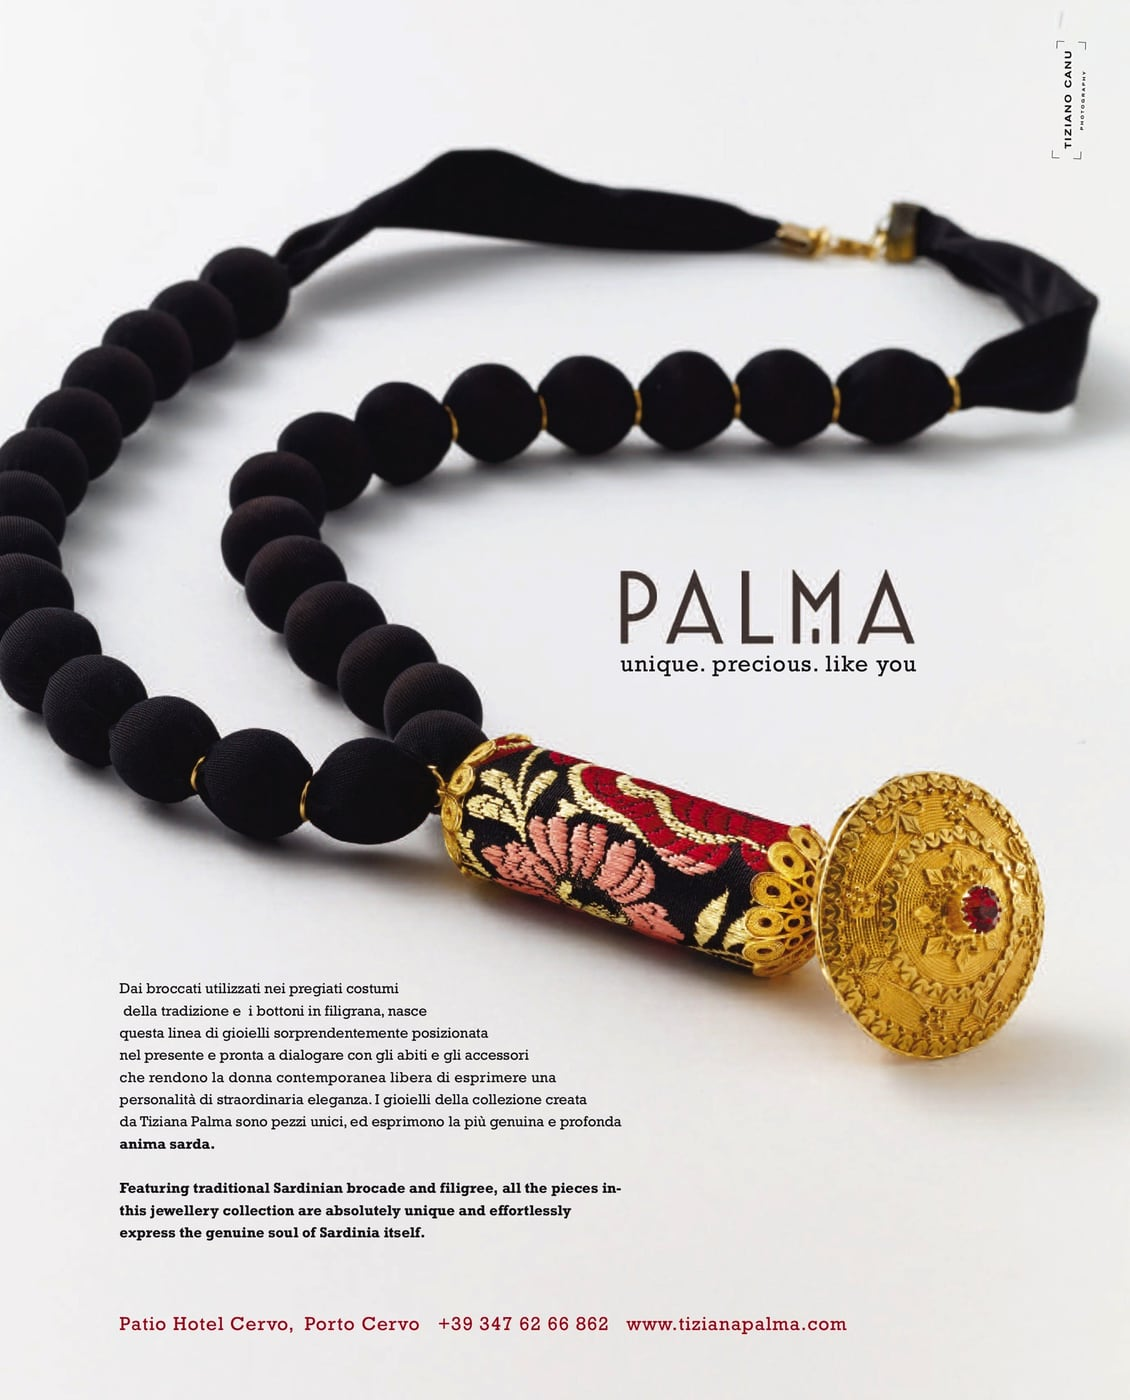 collana con gioiello pendente in filigrana dalle linee tradizionali della Sardegna